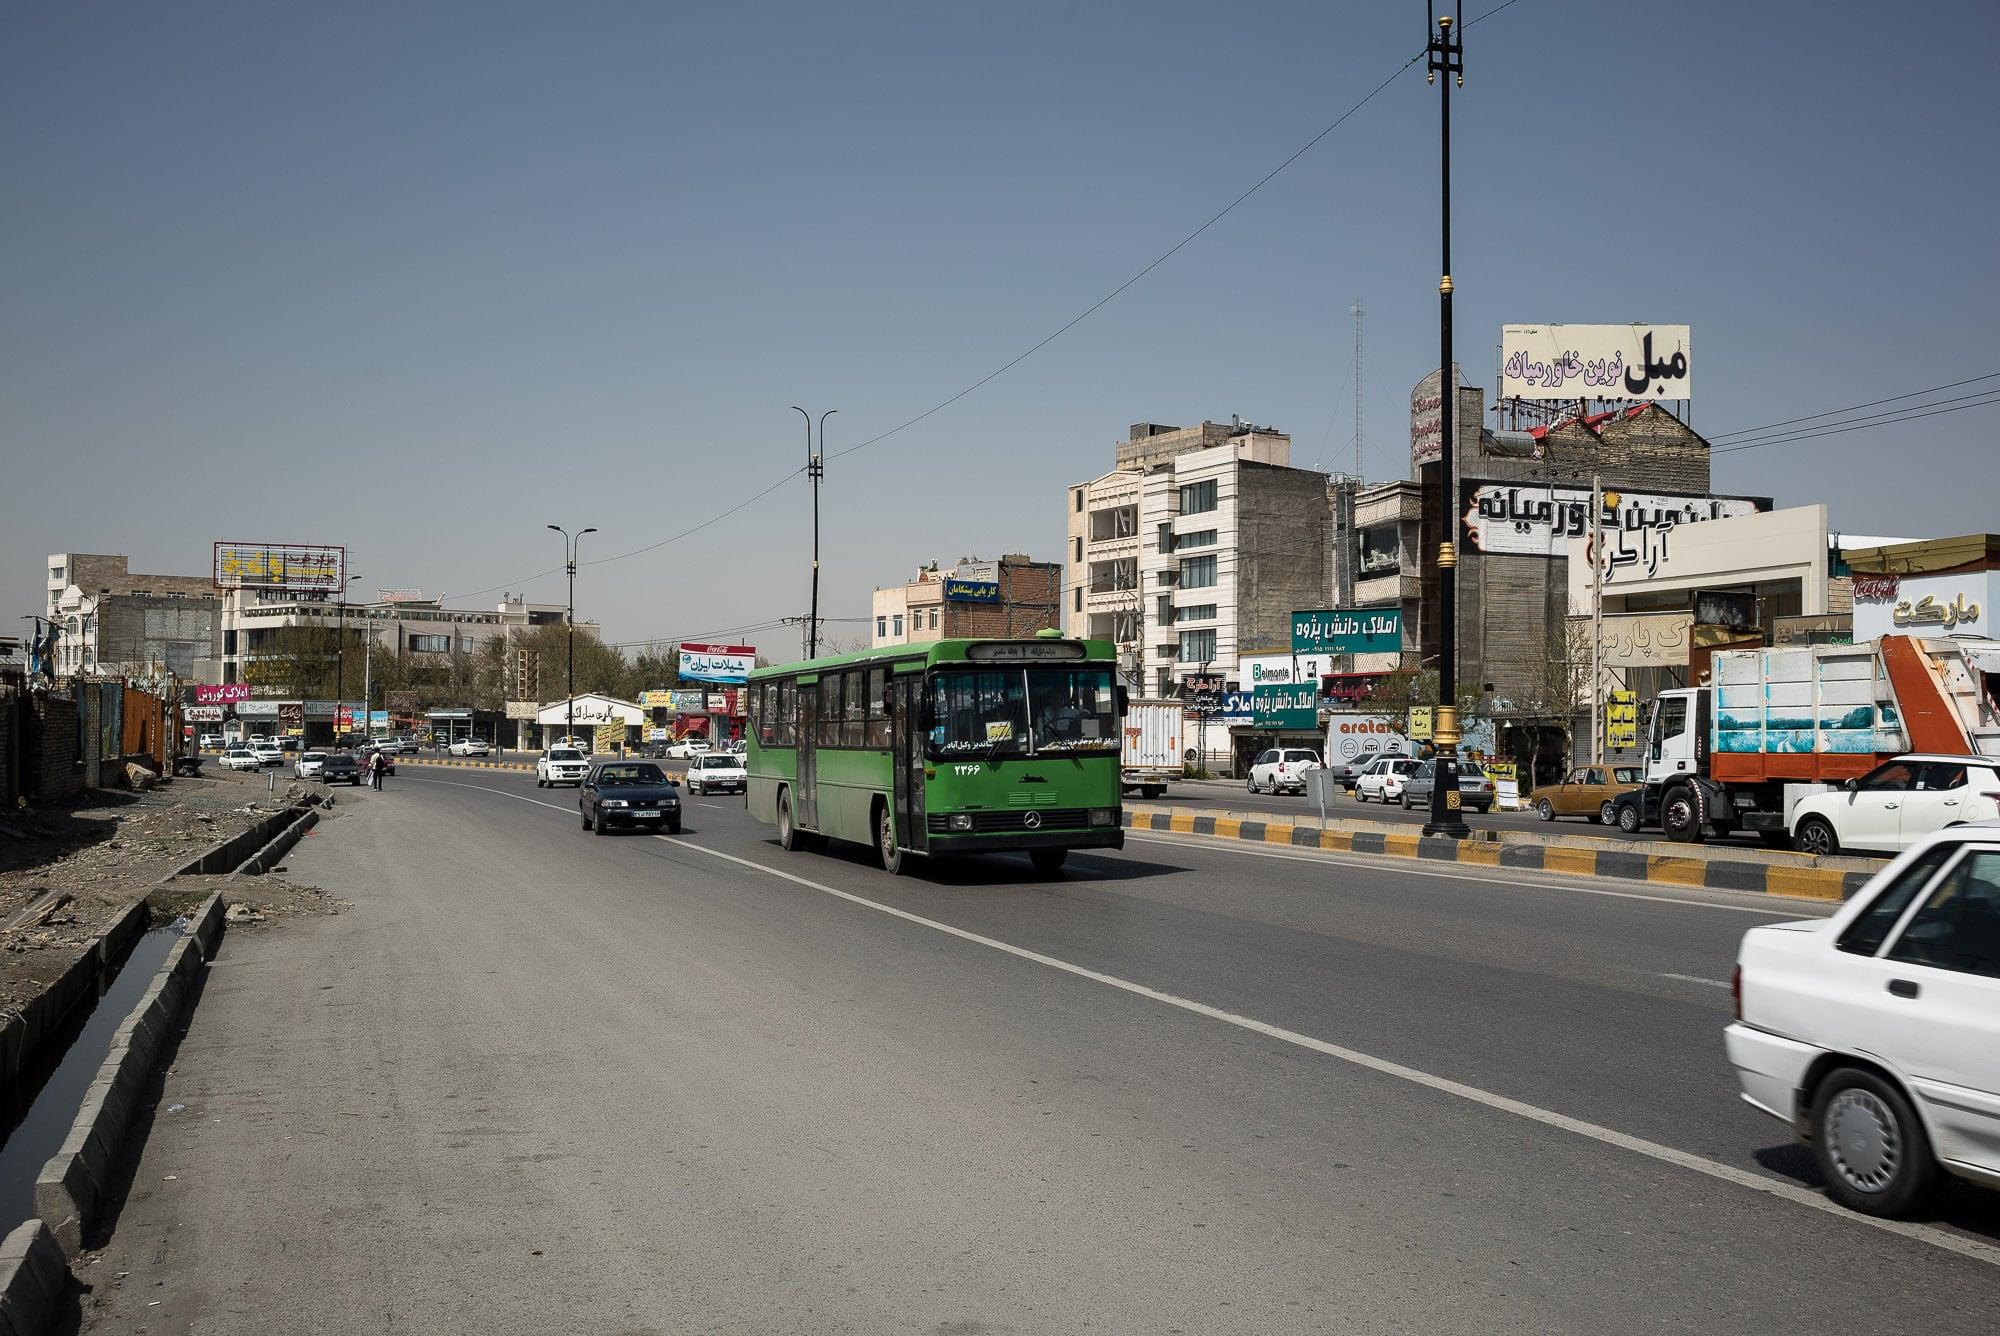 suburbs of Mashhad